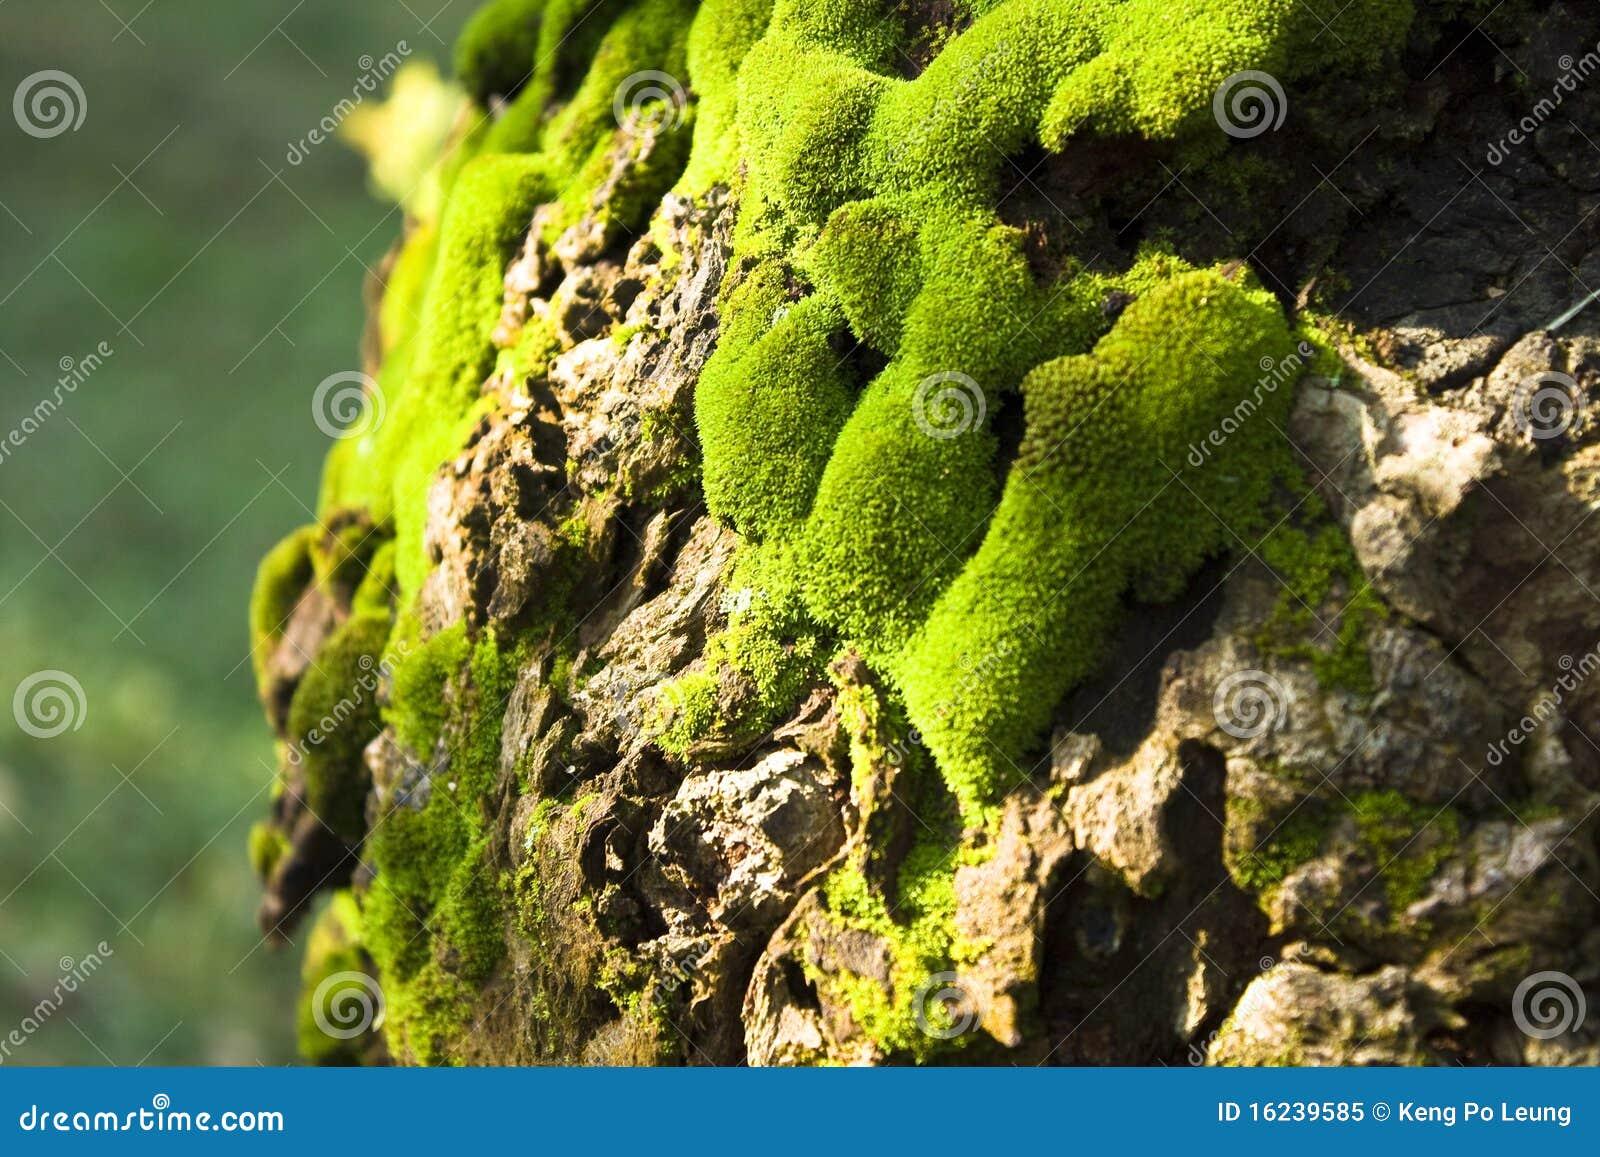 Mousse verte sur un arbre photo libre de droits image - Mousse sur les arbres ...